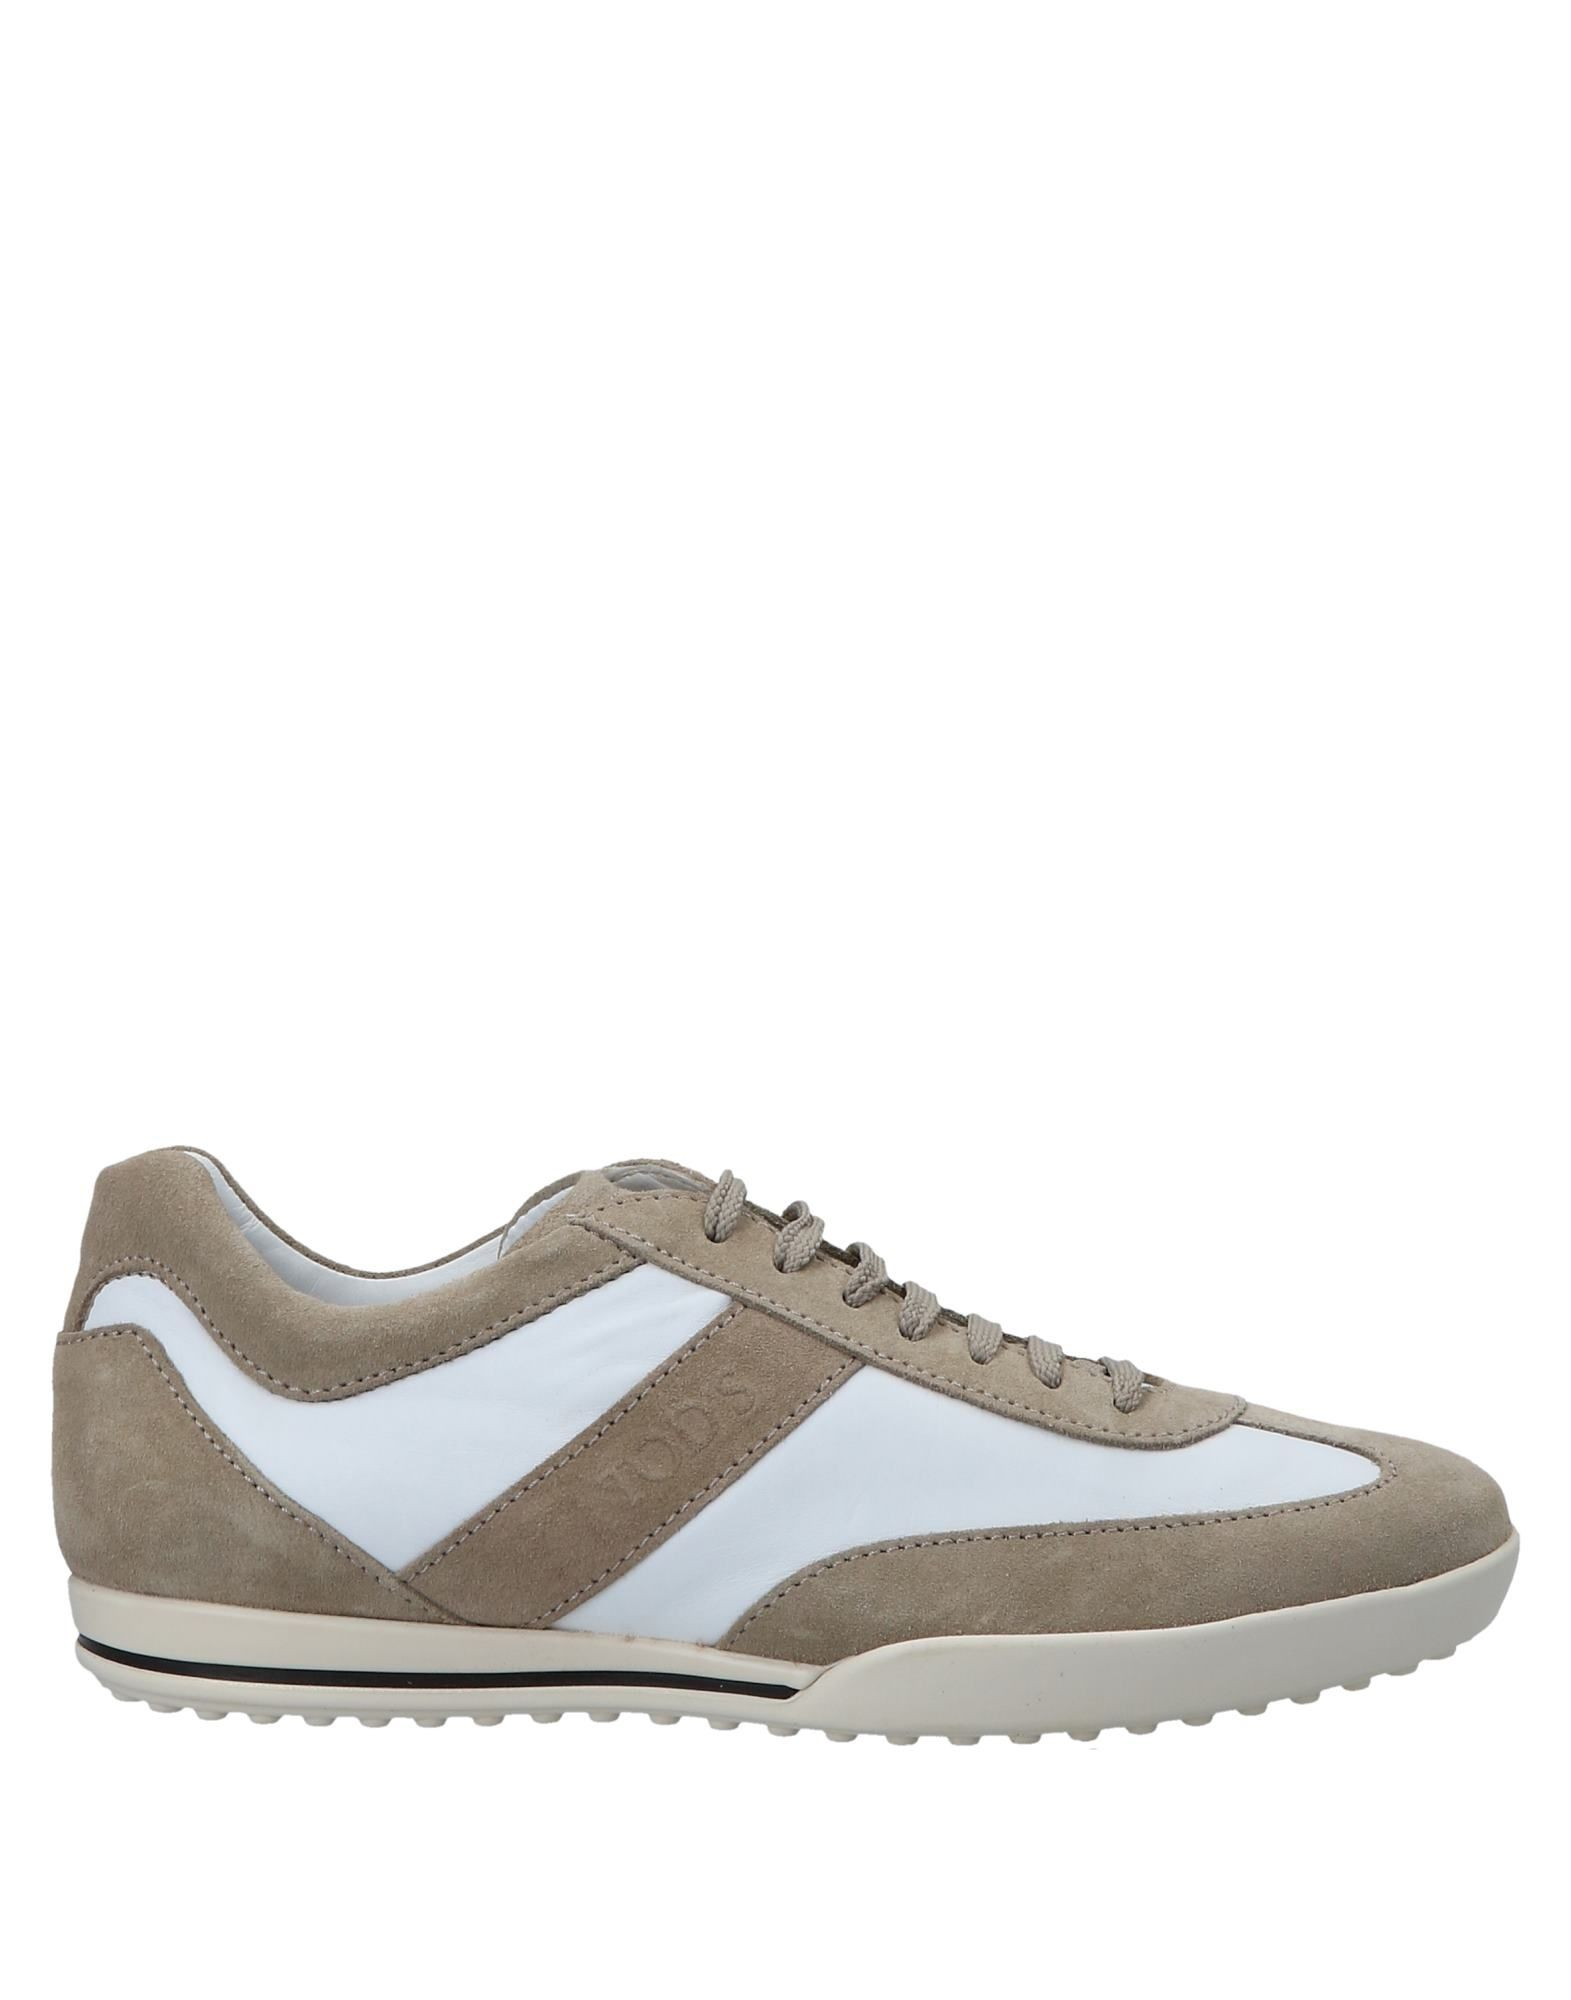 Tod's 11549917KC Sneakers Herren  11549917KC Tod's Gute Qualität beliebte Schuhe 9603fd